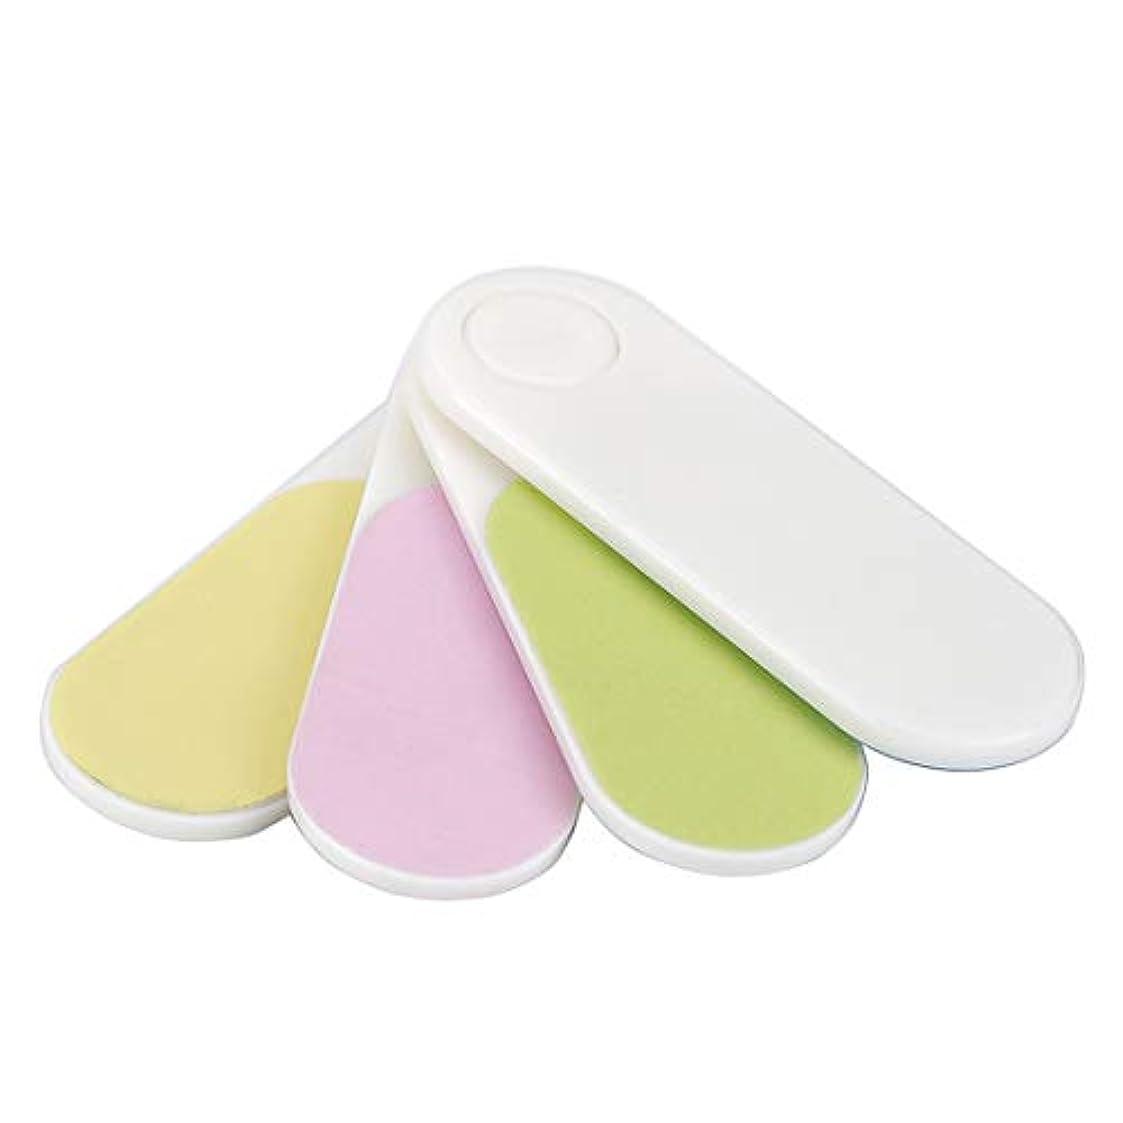 部分的マニアック機関OU-Kunmlef 便利な携帯用のミニ扇形の爪バッファスムーズな旅行(None Color random)